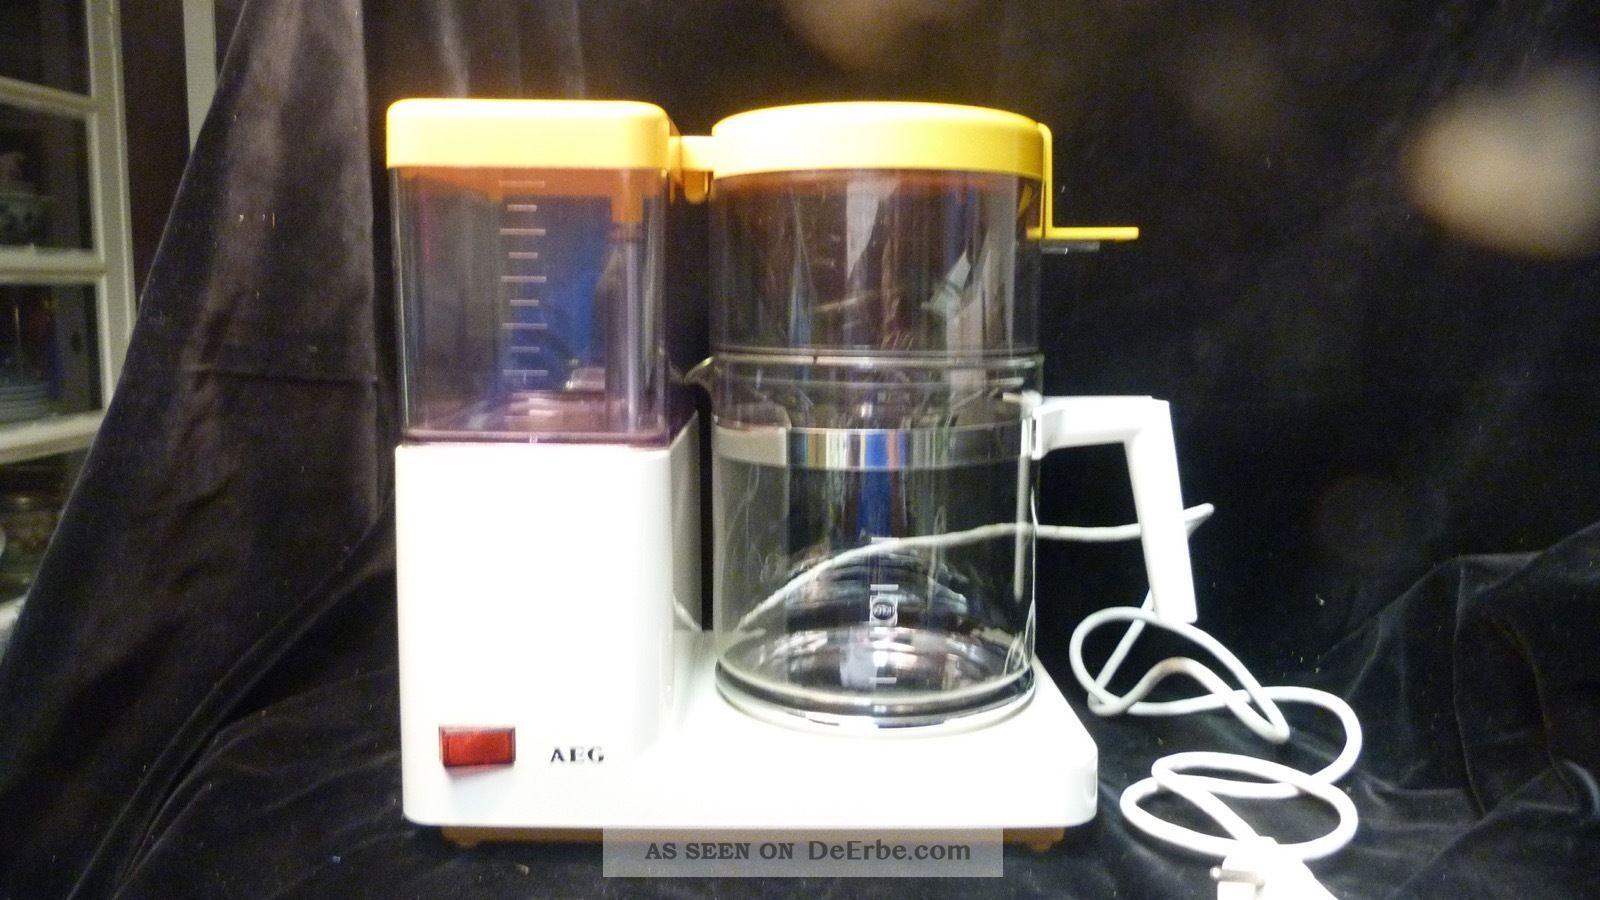 Vintage Aeg Kaffeeautomat Kf 1300 - 70/80er Jahre - Offenbar Unbenutzt Haushalt Bild